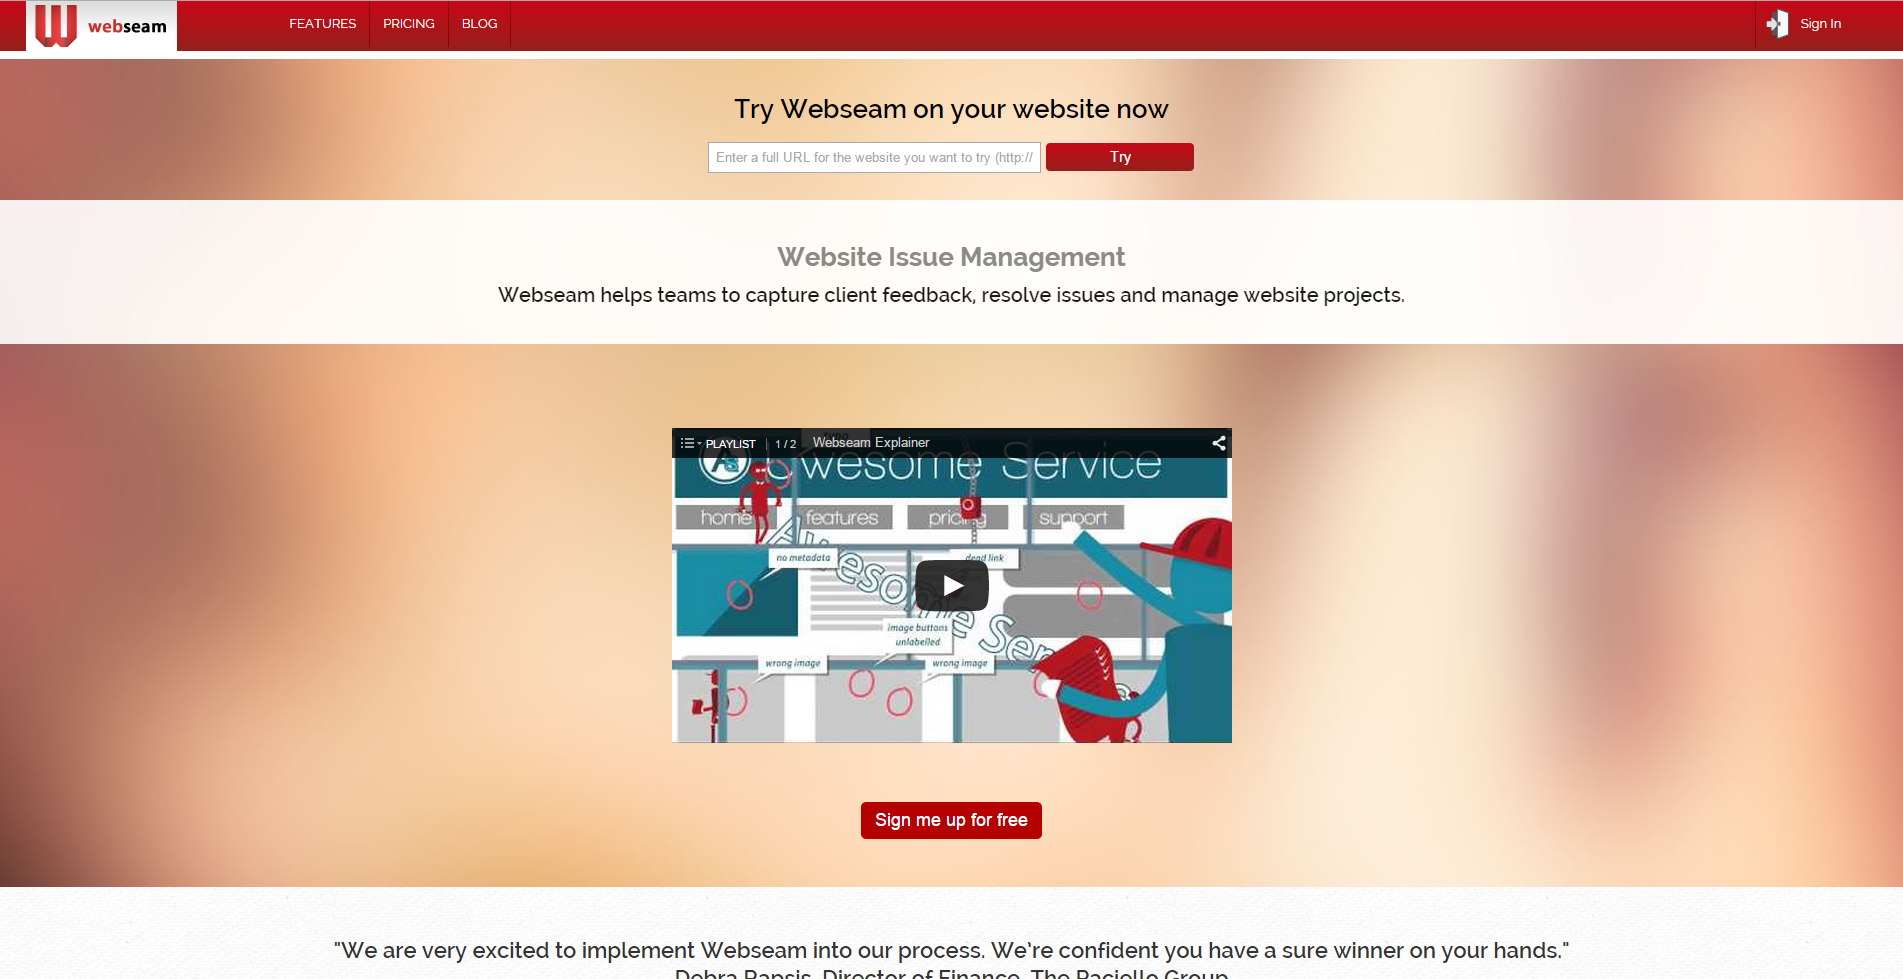 Webseam - Website Issue Management